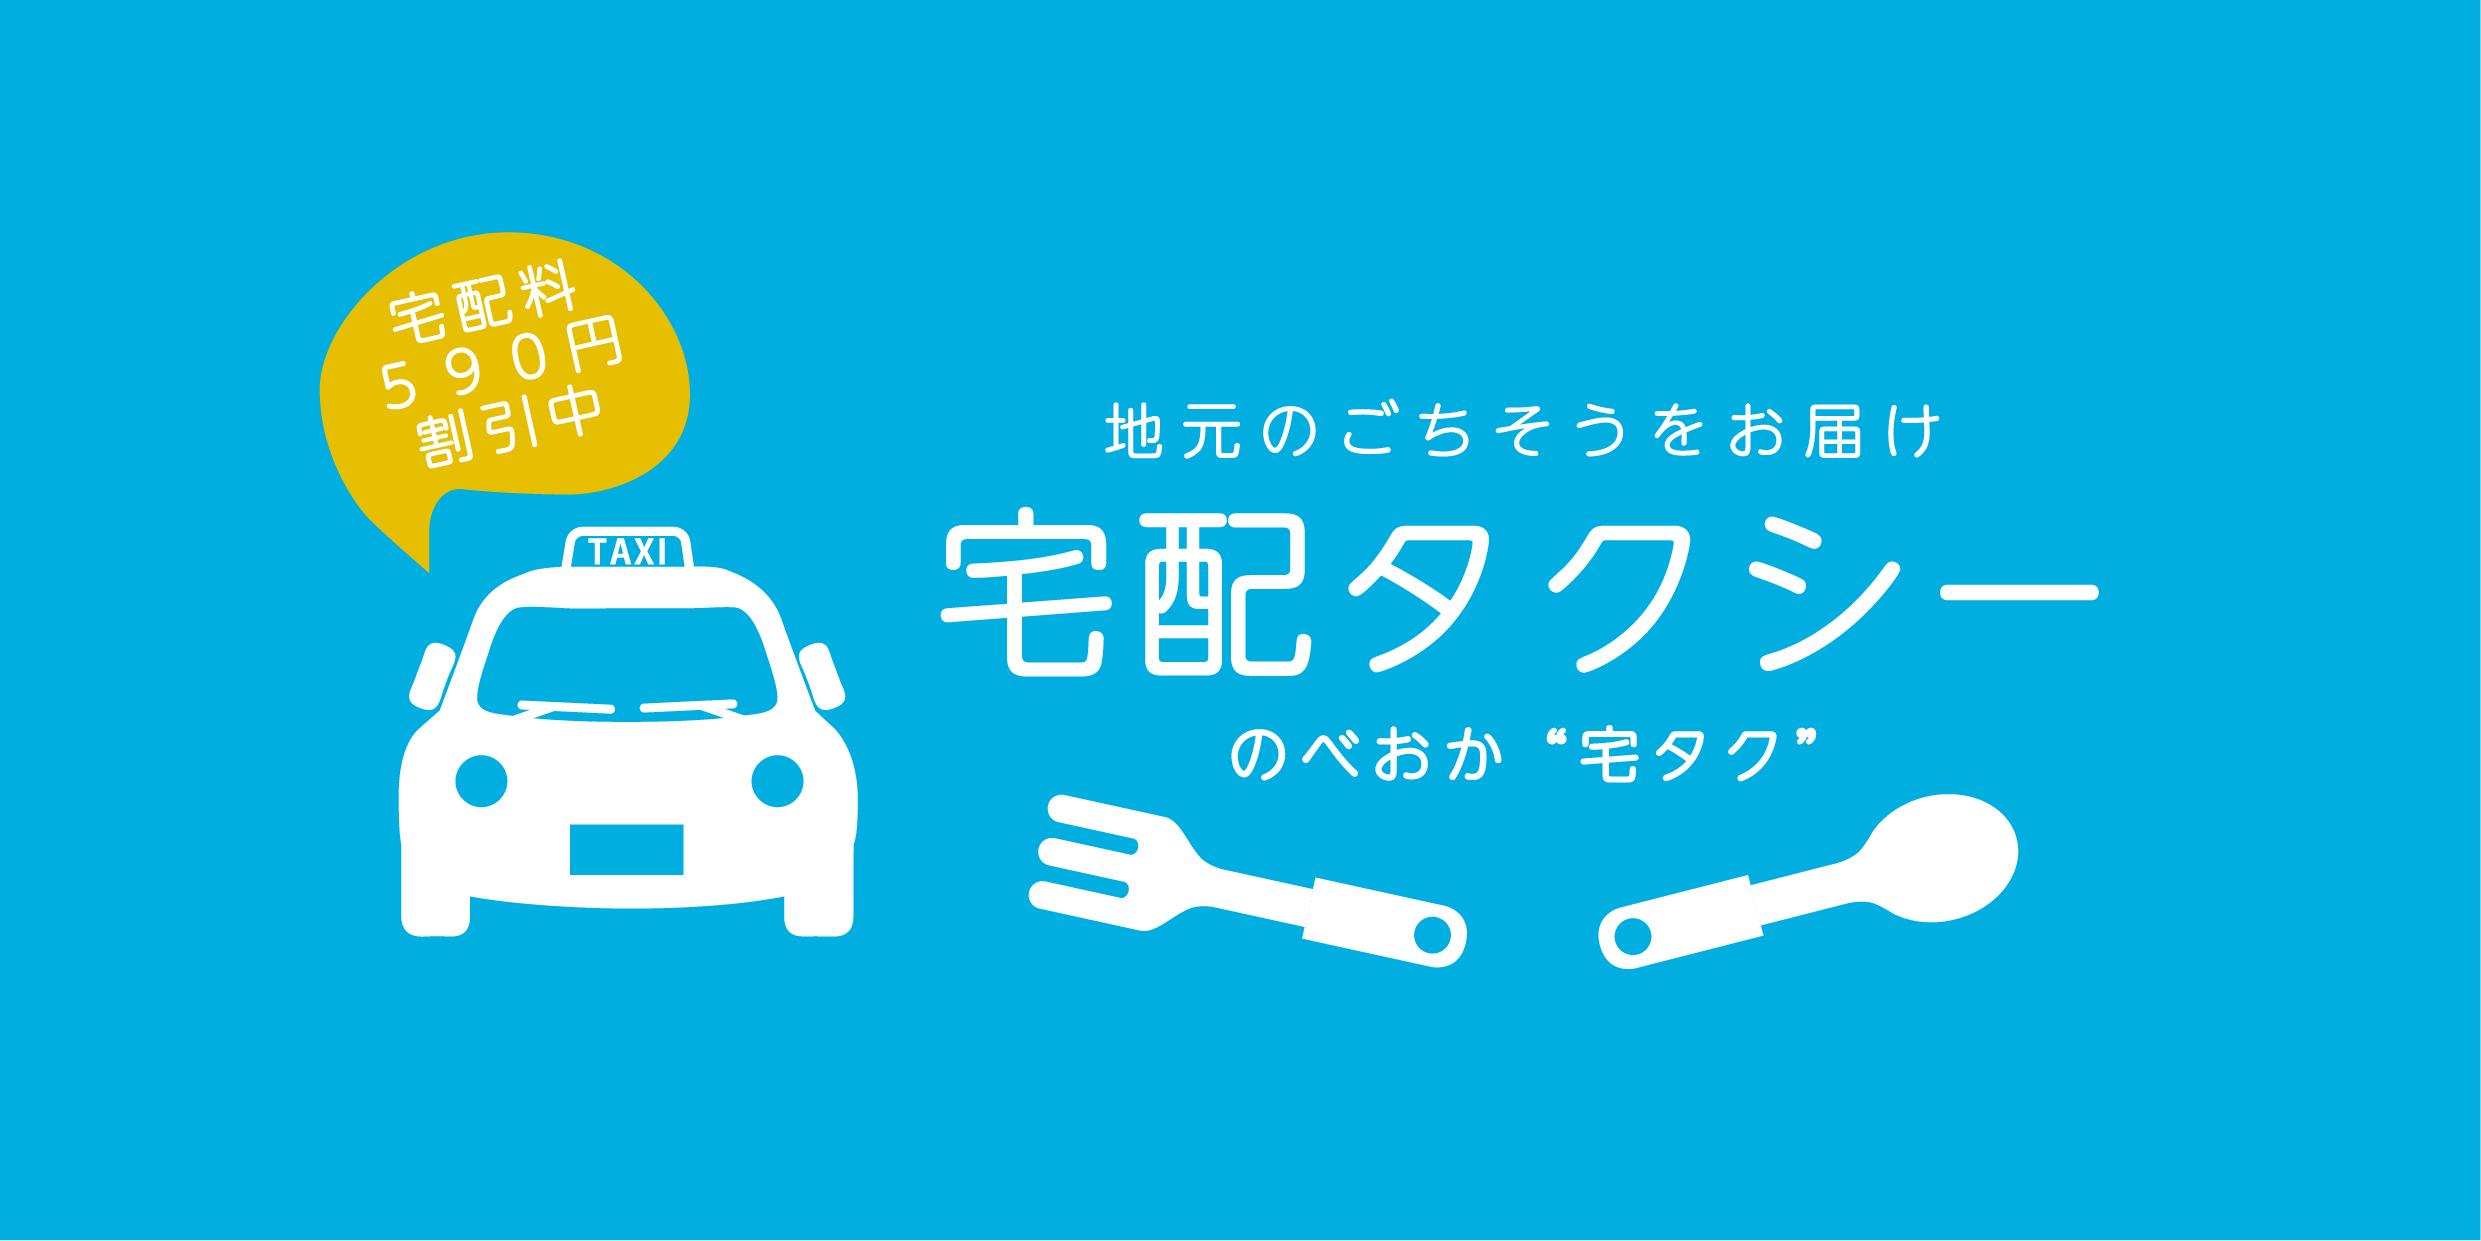 飲食店・タクシー応援プロジェクト「宅配タクシー」が始まりました!